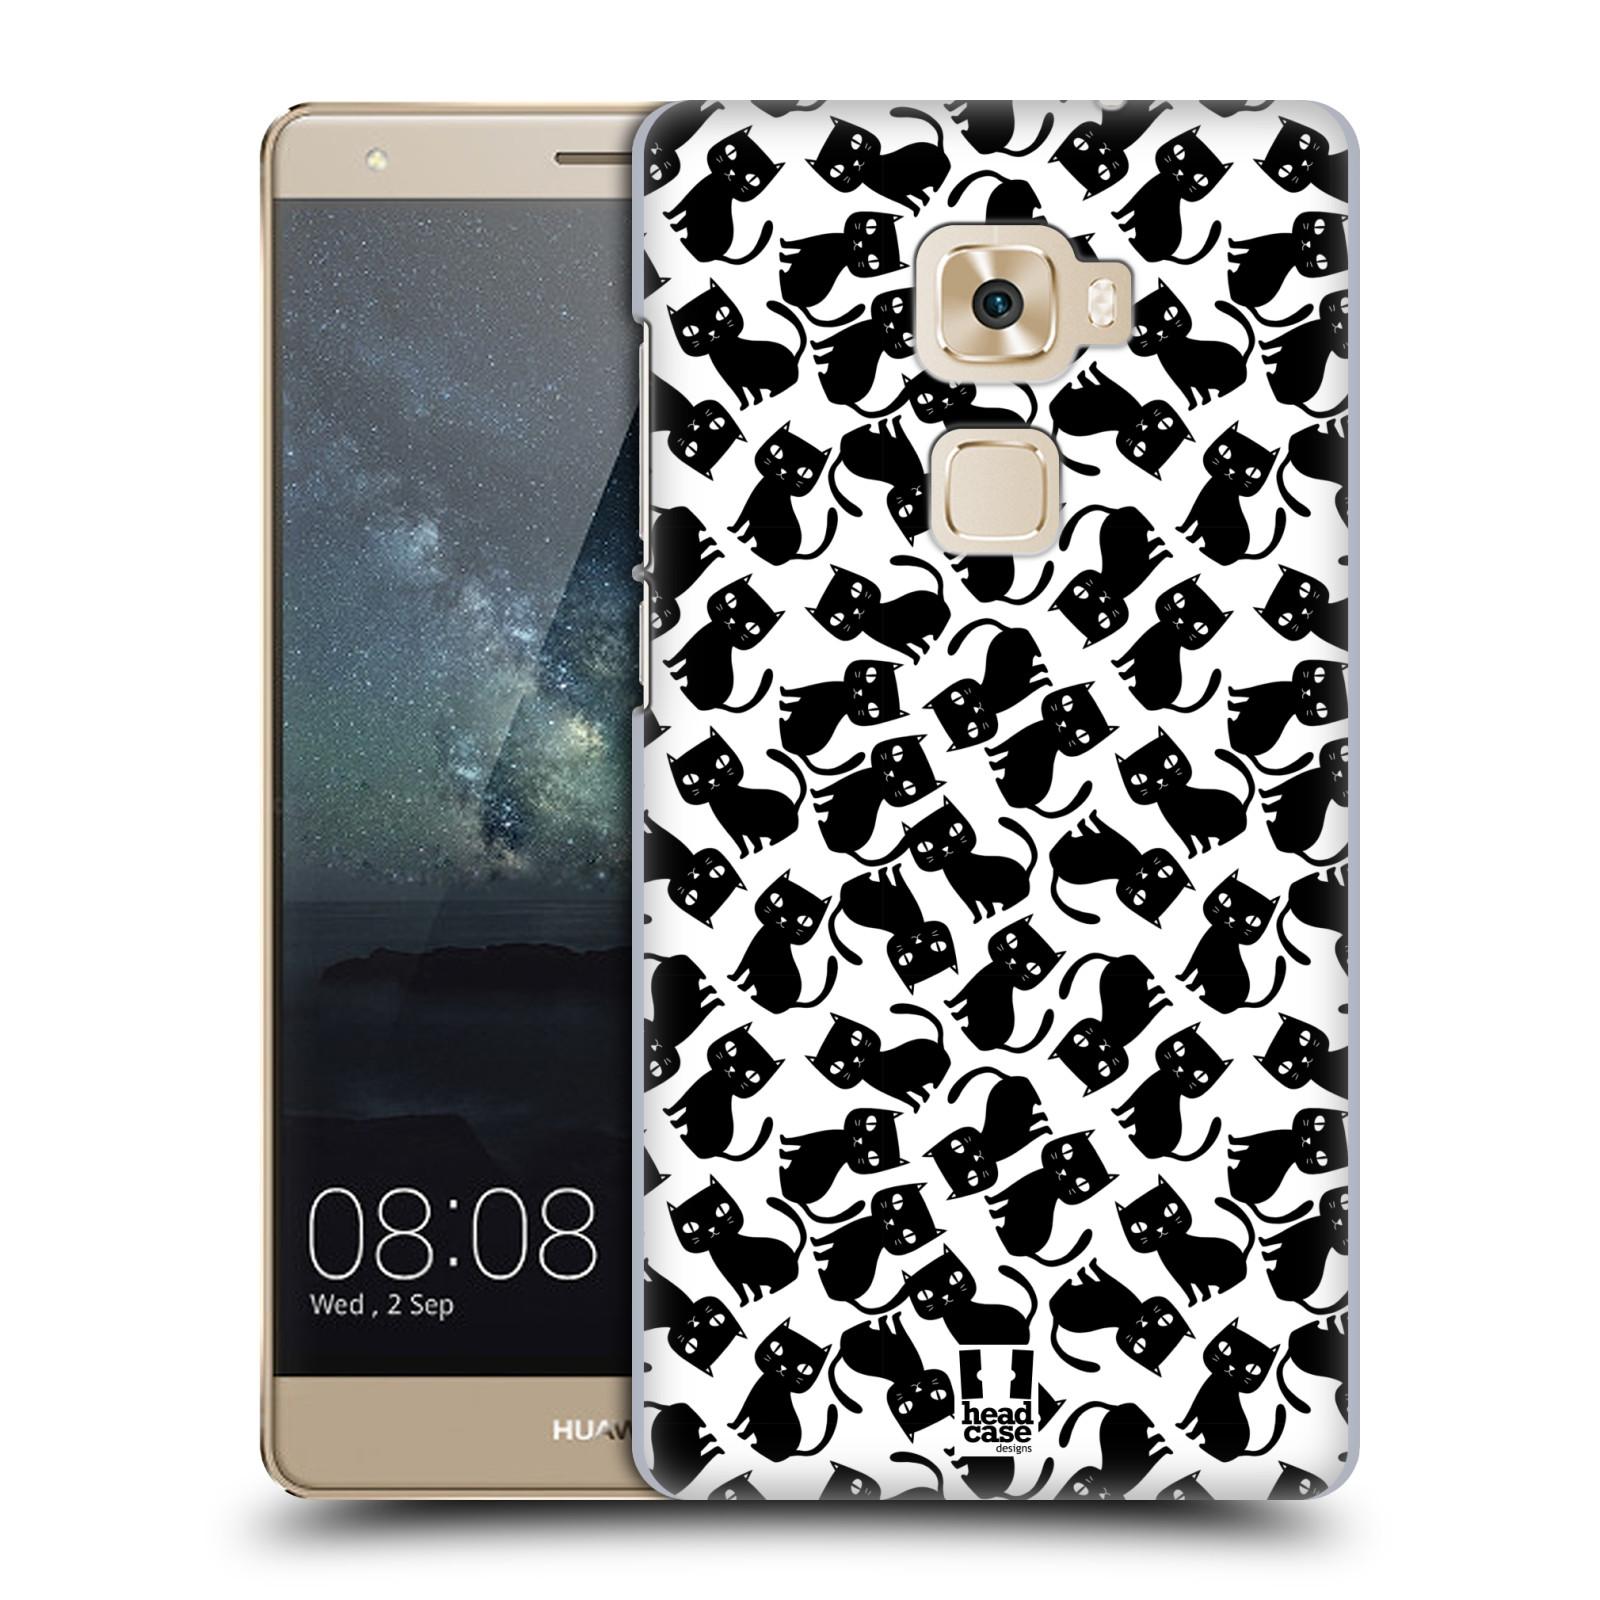 Plastové pouzdro na mobil Huawei Mate S HEAD CASE KOČKY Black Pattern (Plastový kryt či obal na mobilní telefon Huawei Mate S)